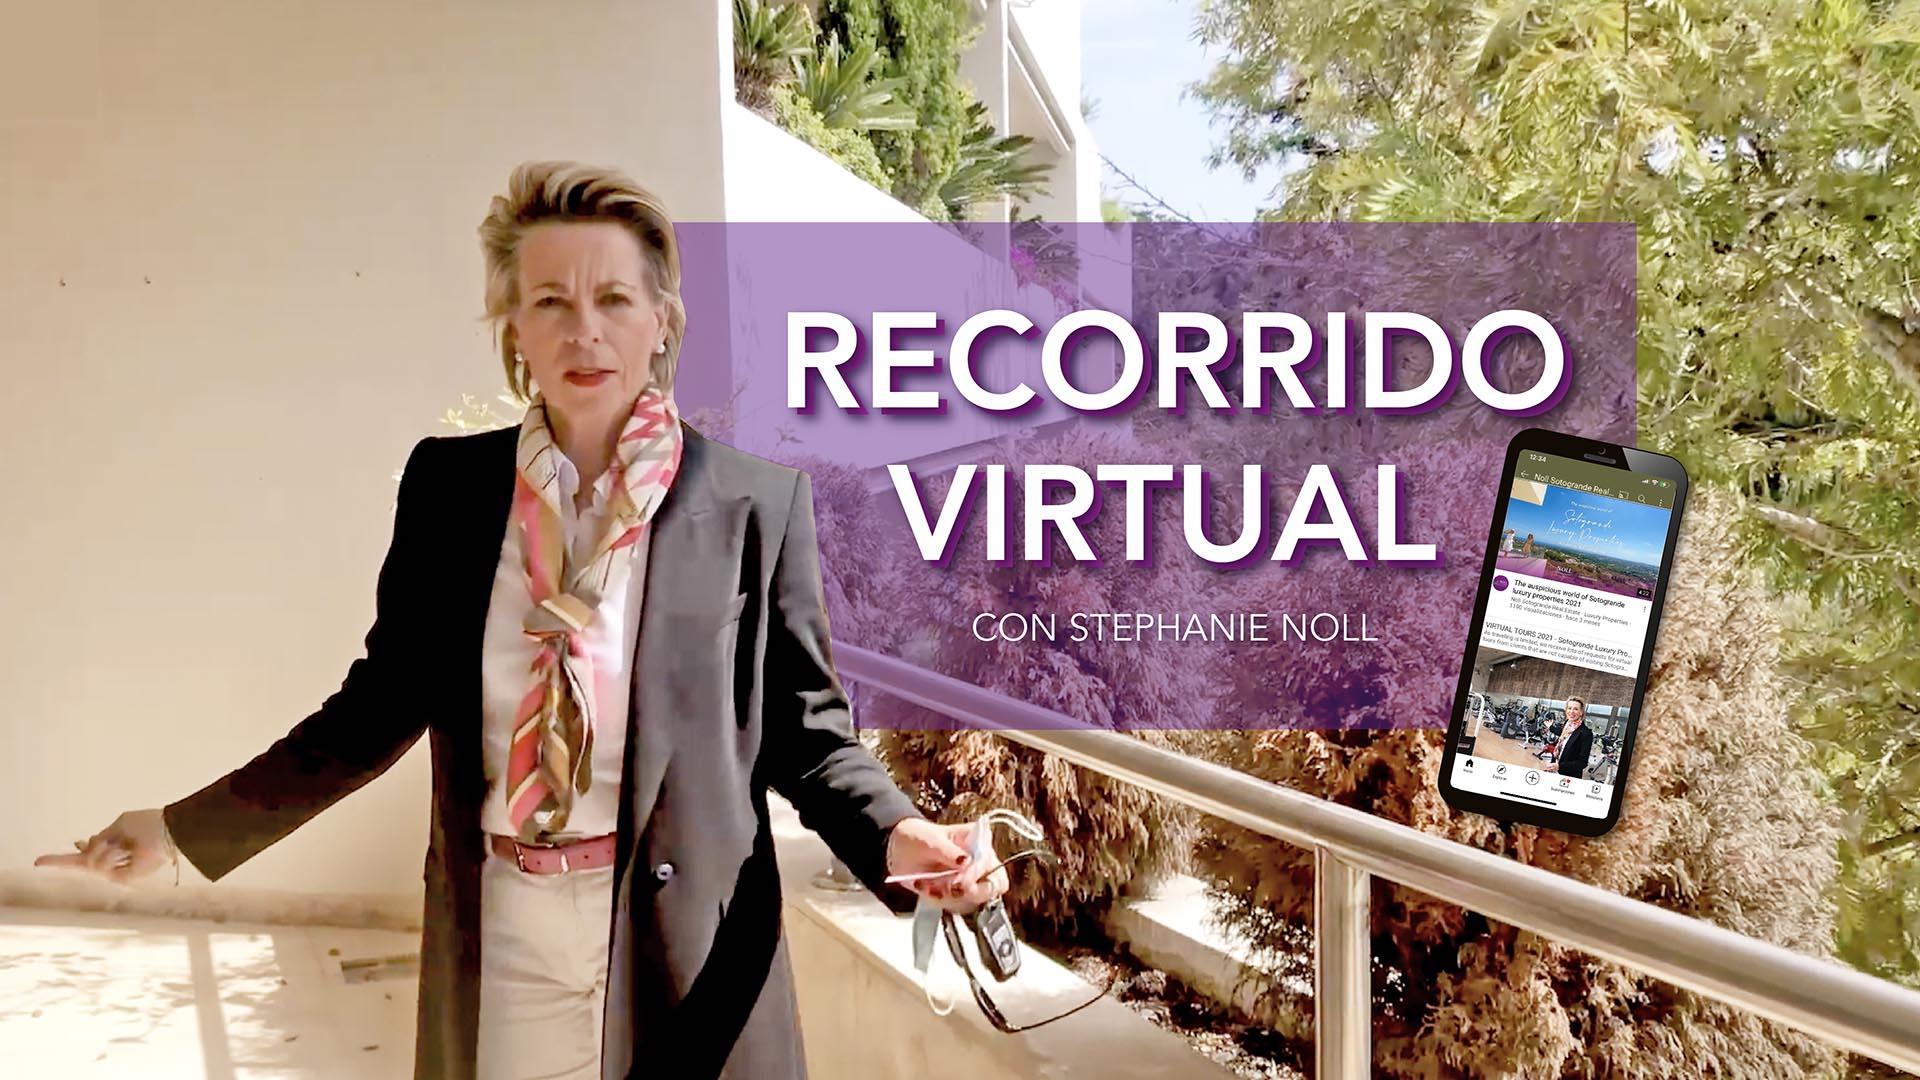 NP01370 Apartmento de LUJO ENORME en Polo Gardens Sotogrande con Stephanie Noll